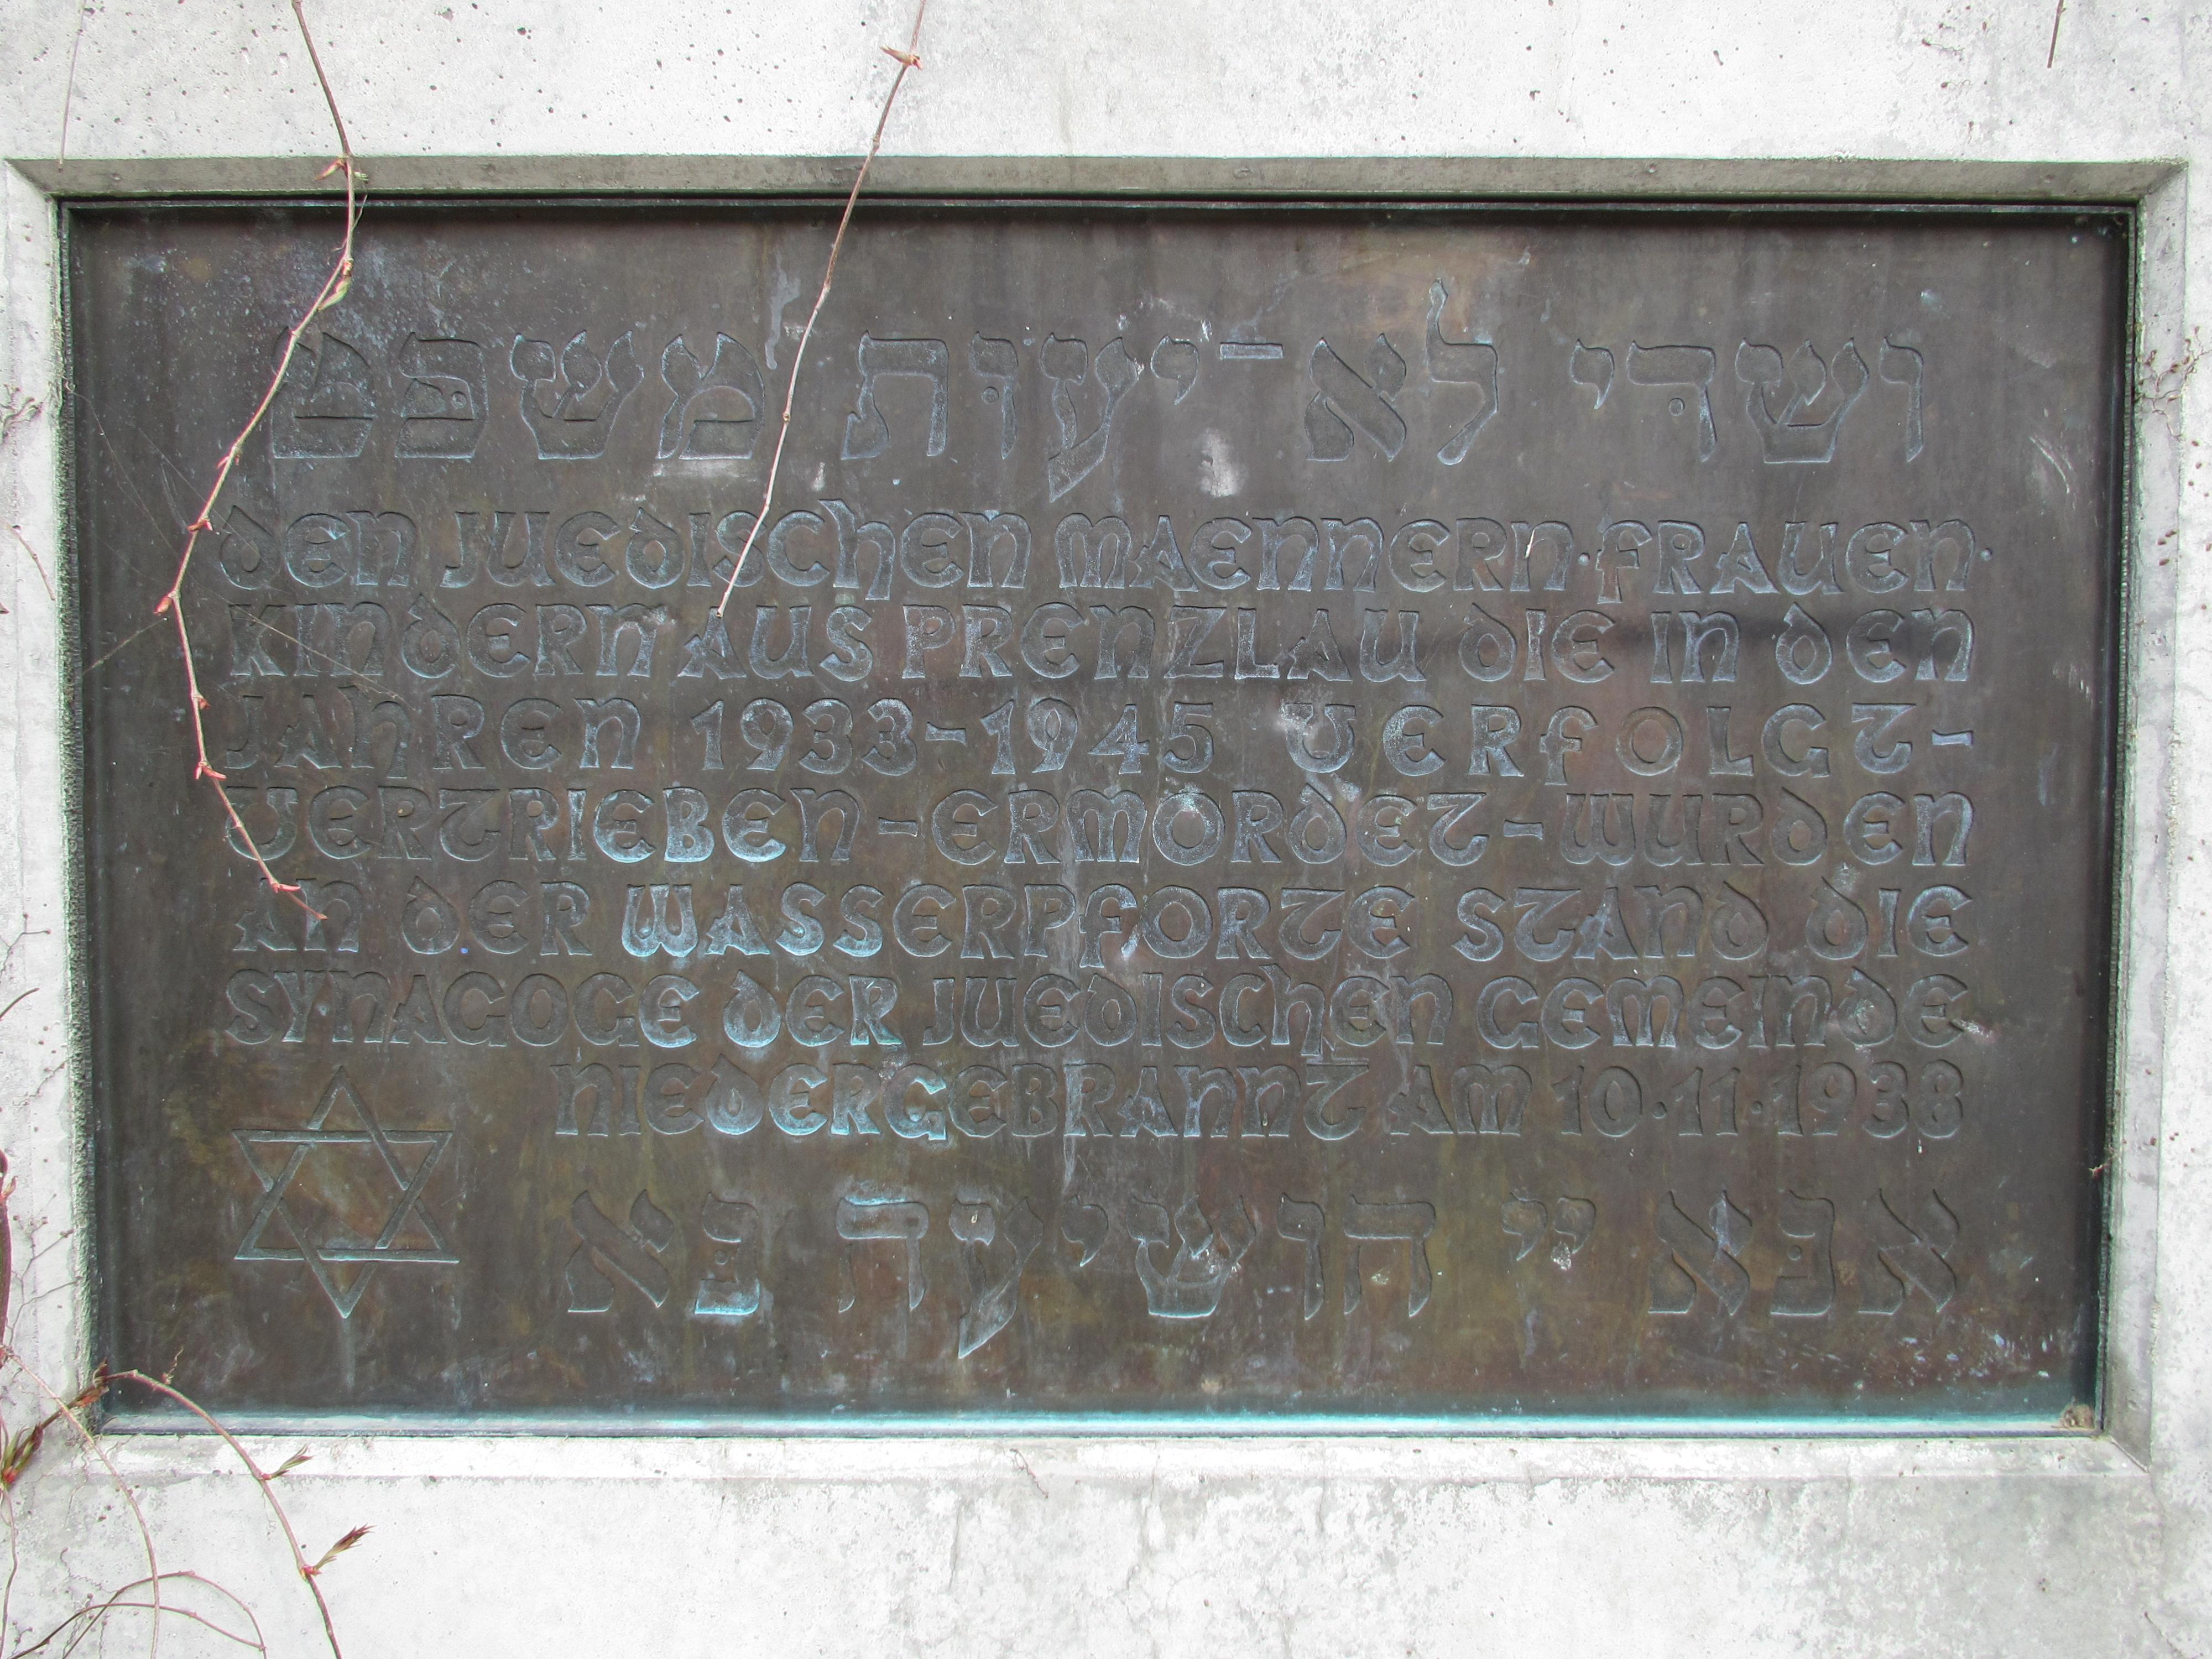 https://upload.wikimedia.org/wikipedia/commons/5/59/20150425_xl_3881-Prenzlau_den_Grundrissen_von_Synagoge_und_Rabbinerhaus_nachempfundene_Terrassenanlage_sowie_Gedenktafeln.JPG